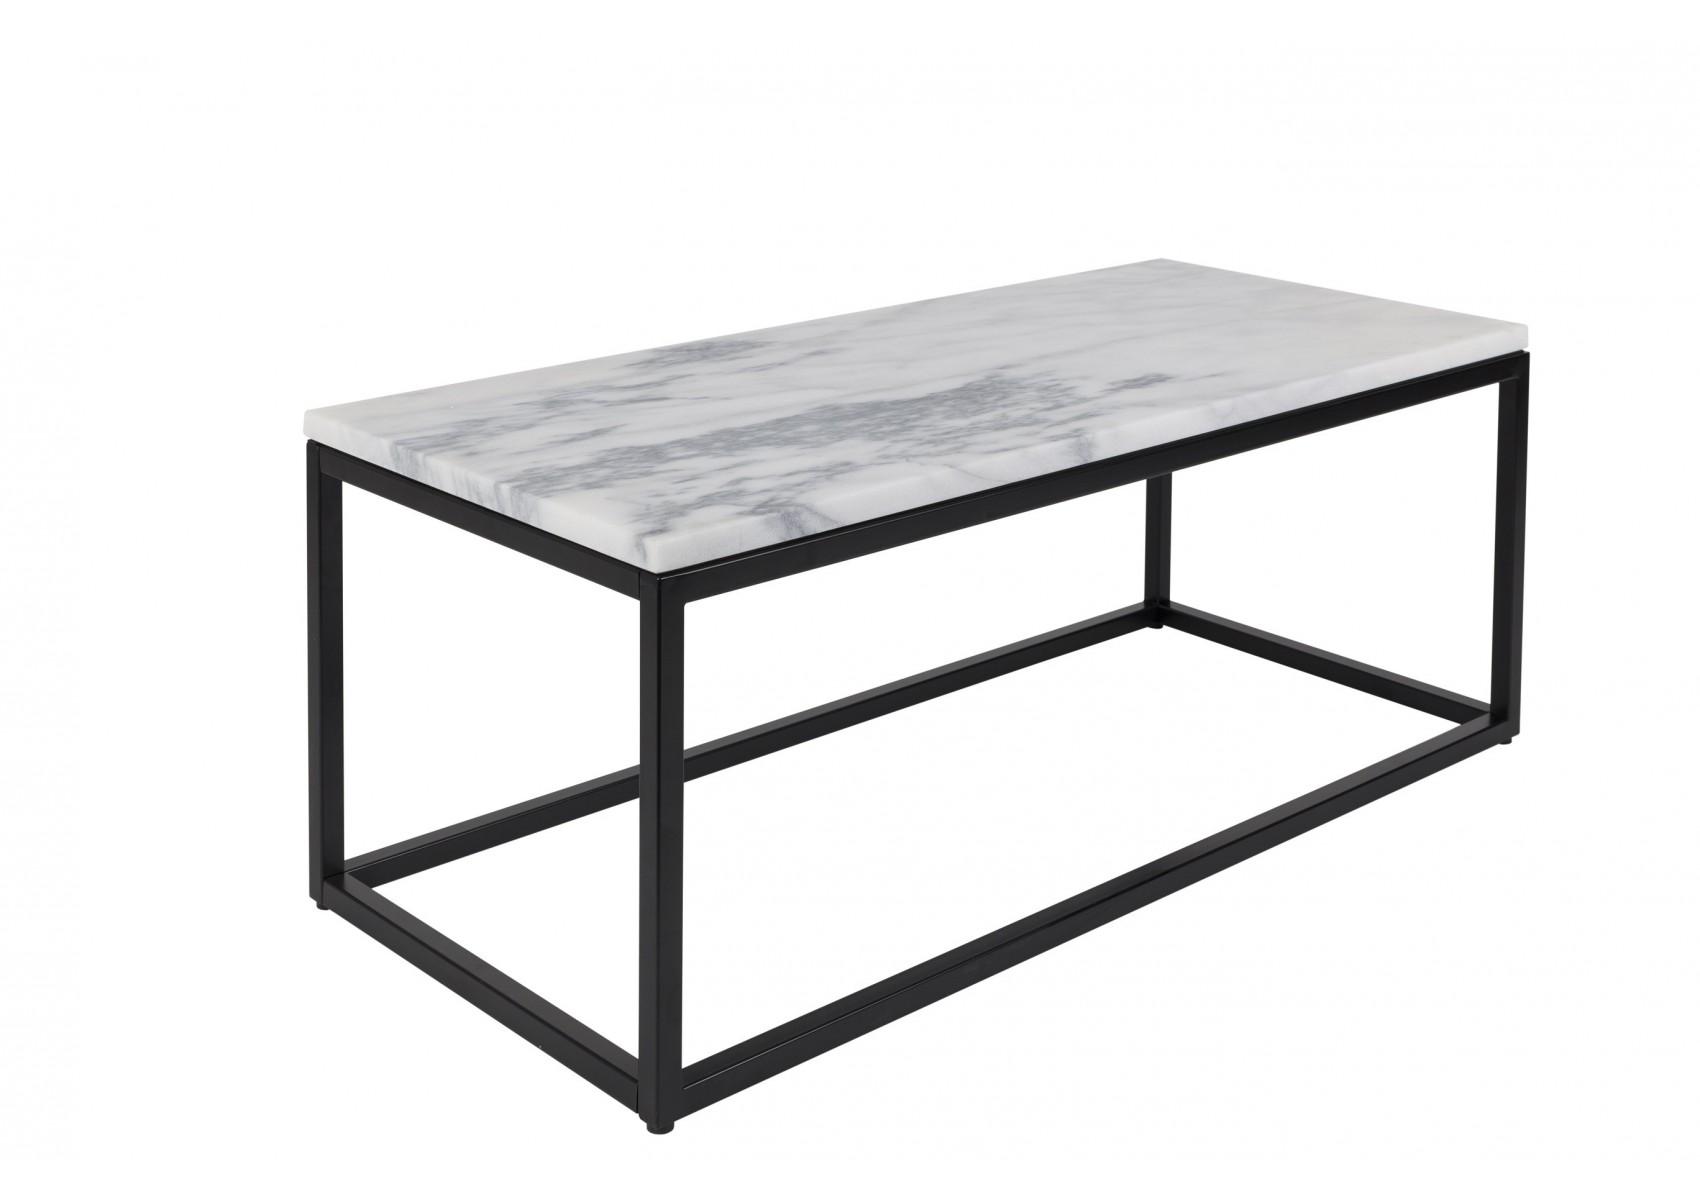 Table basse déco design ou scandinave en bois, en béton, en marbre ...